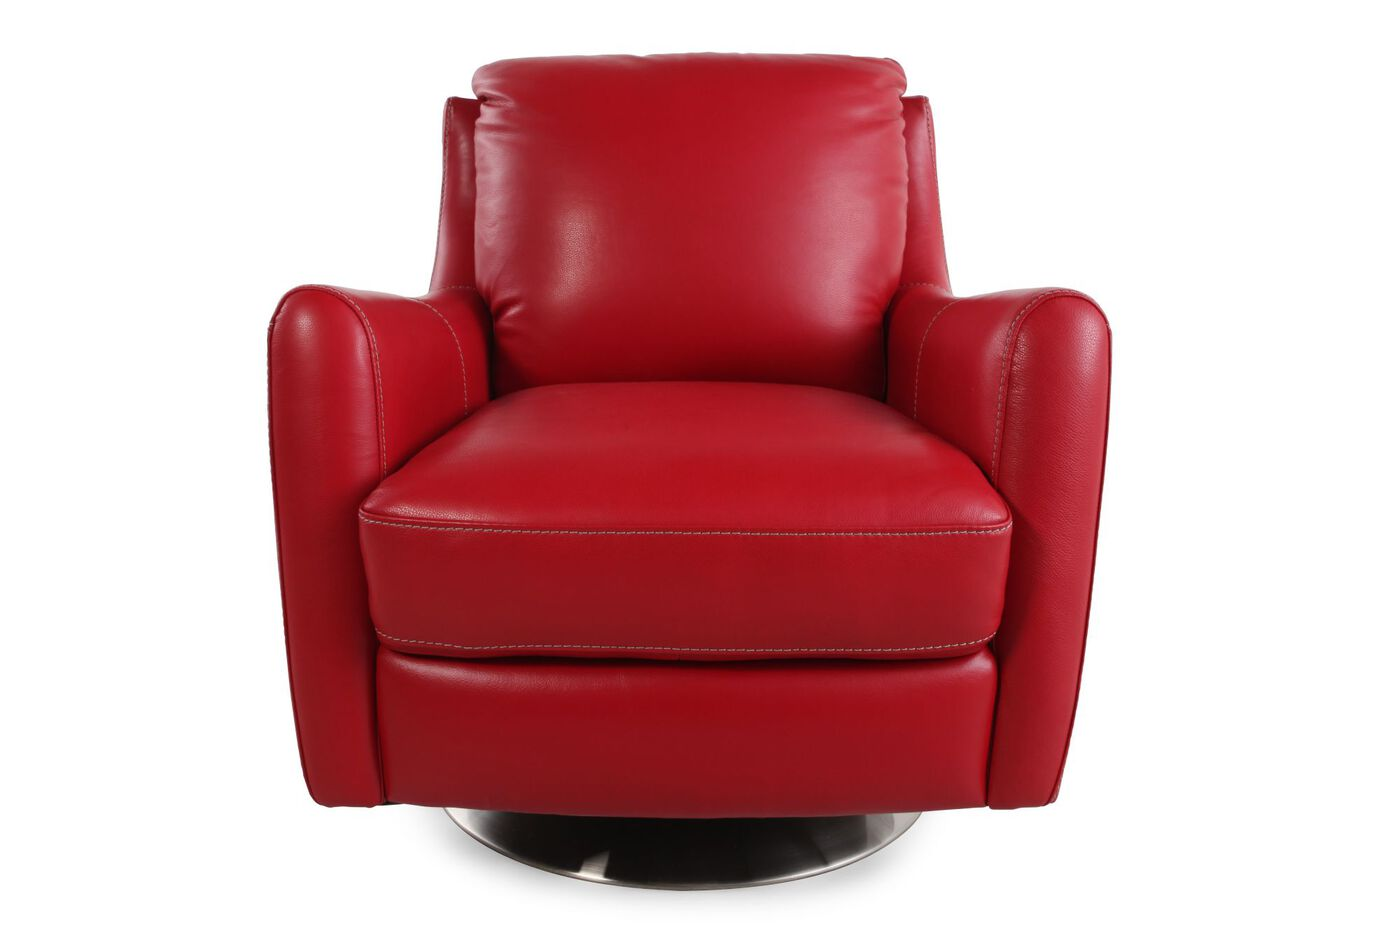 La Z Boy Xavier Red Leather Swivel Chair